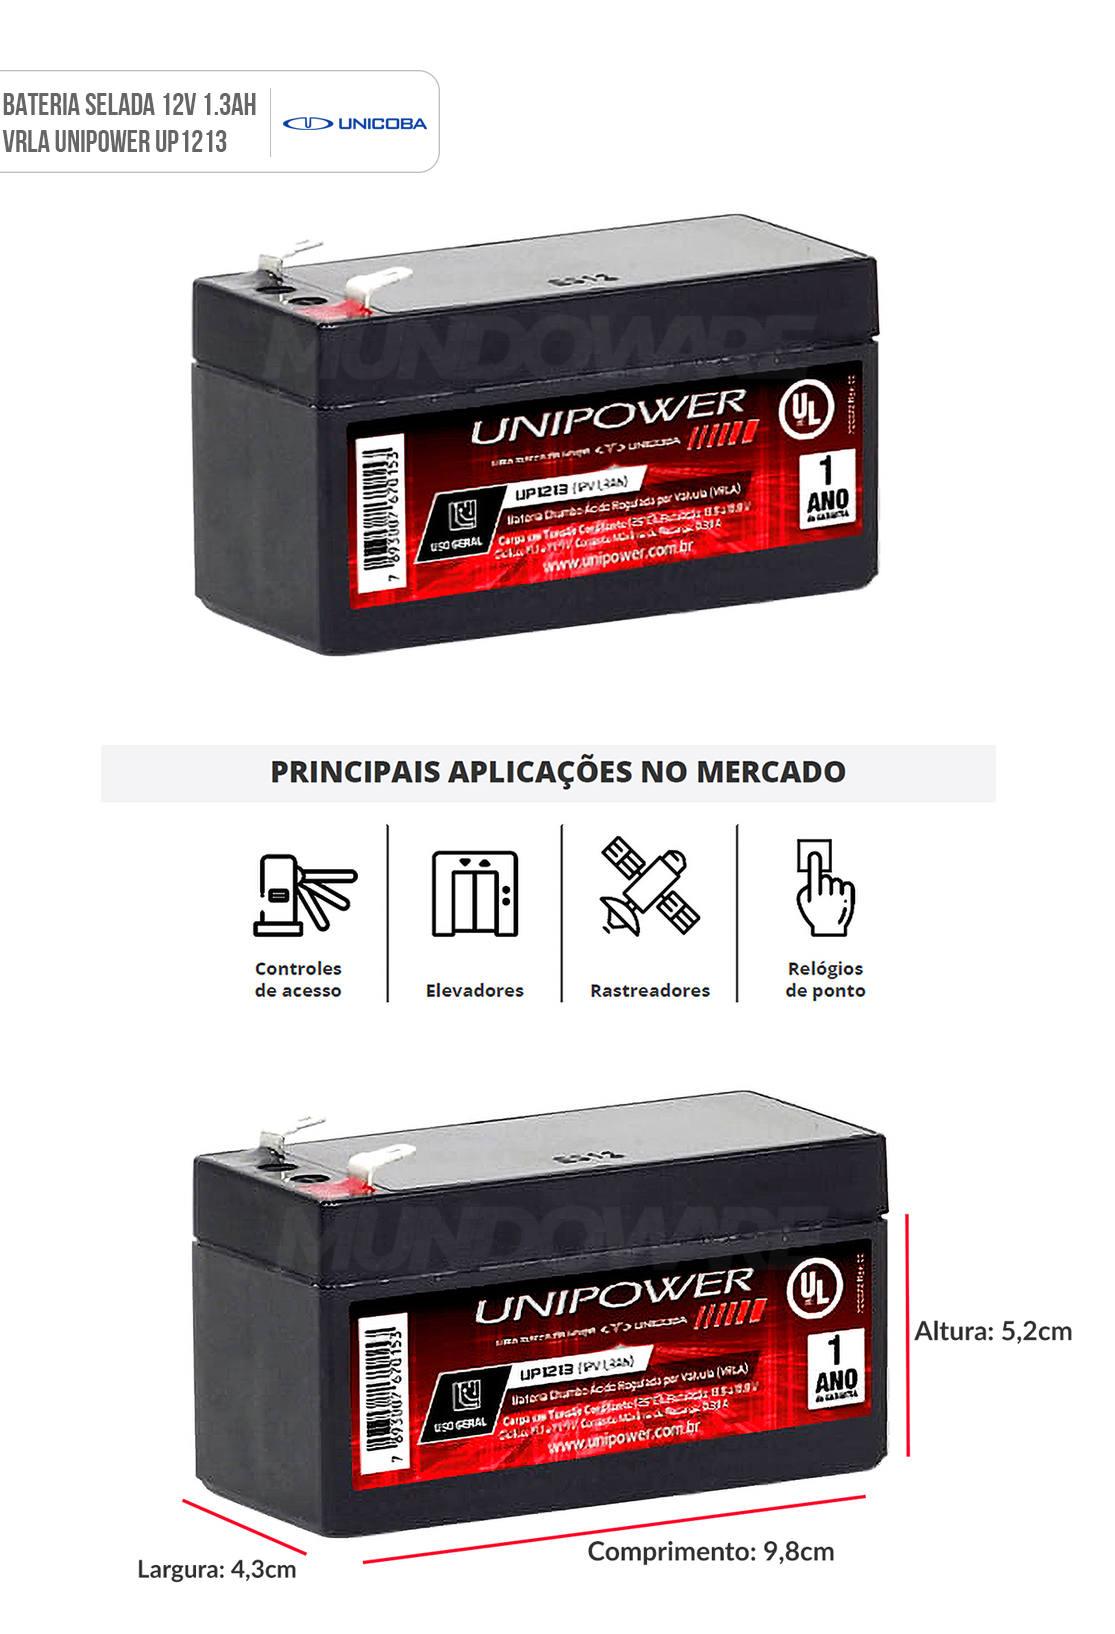 Bateria 12V 1.3Ah Selada para Relógios de Ponto Controles de Acesso Elevadores VRLA Unicoba Unipower UP1213